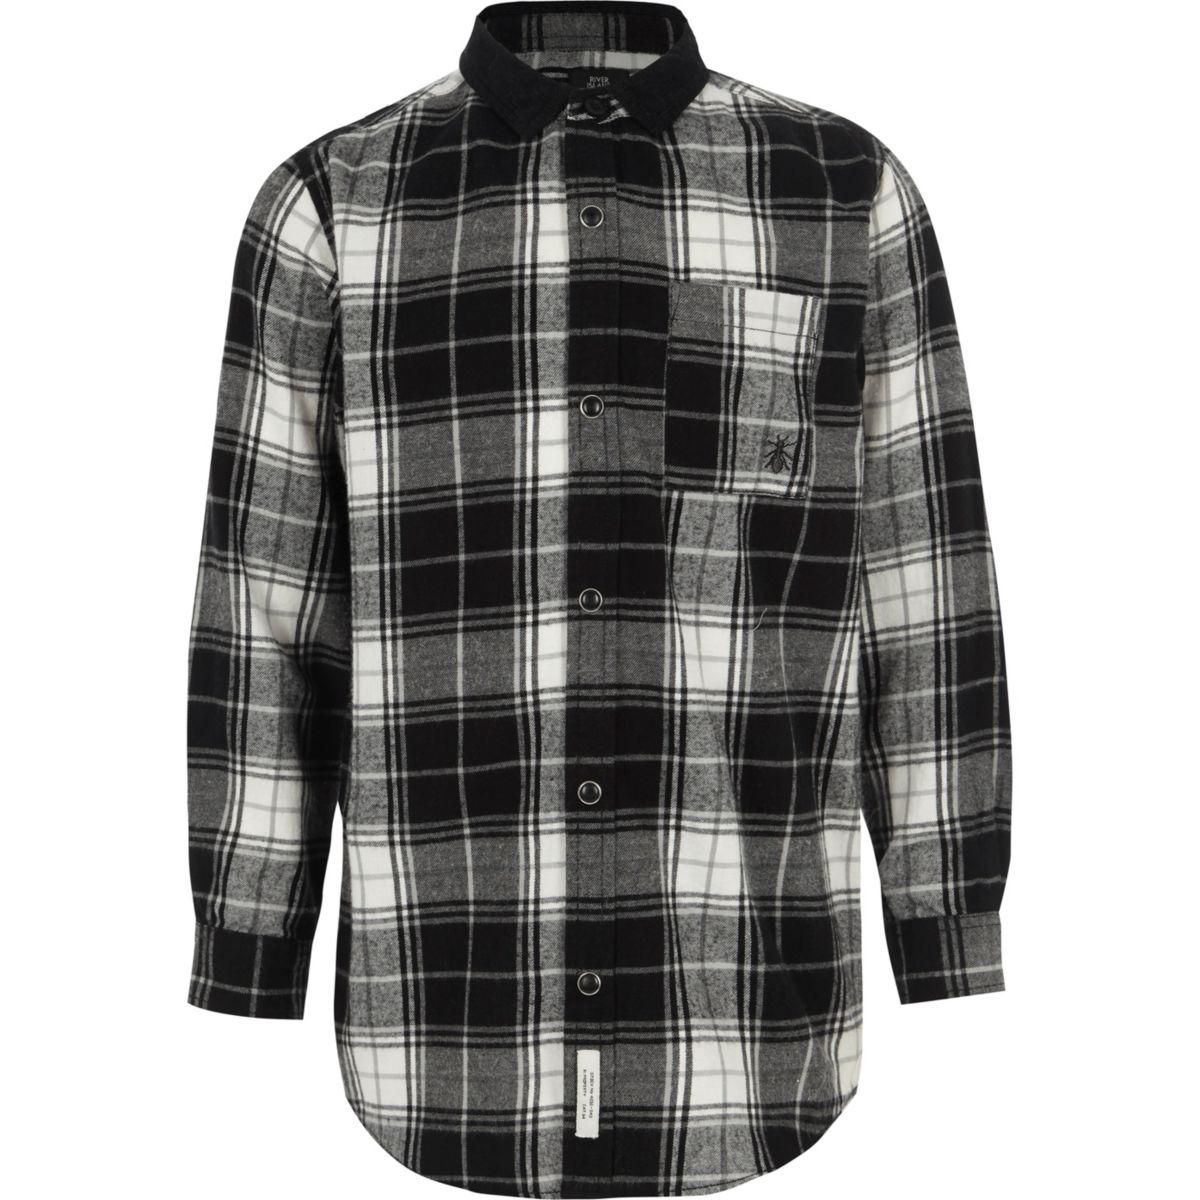 Boys black check long sleeve shirt